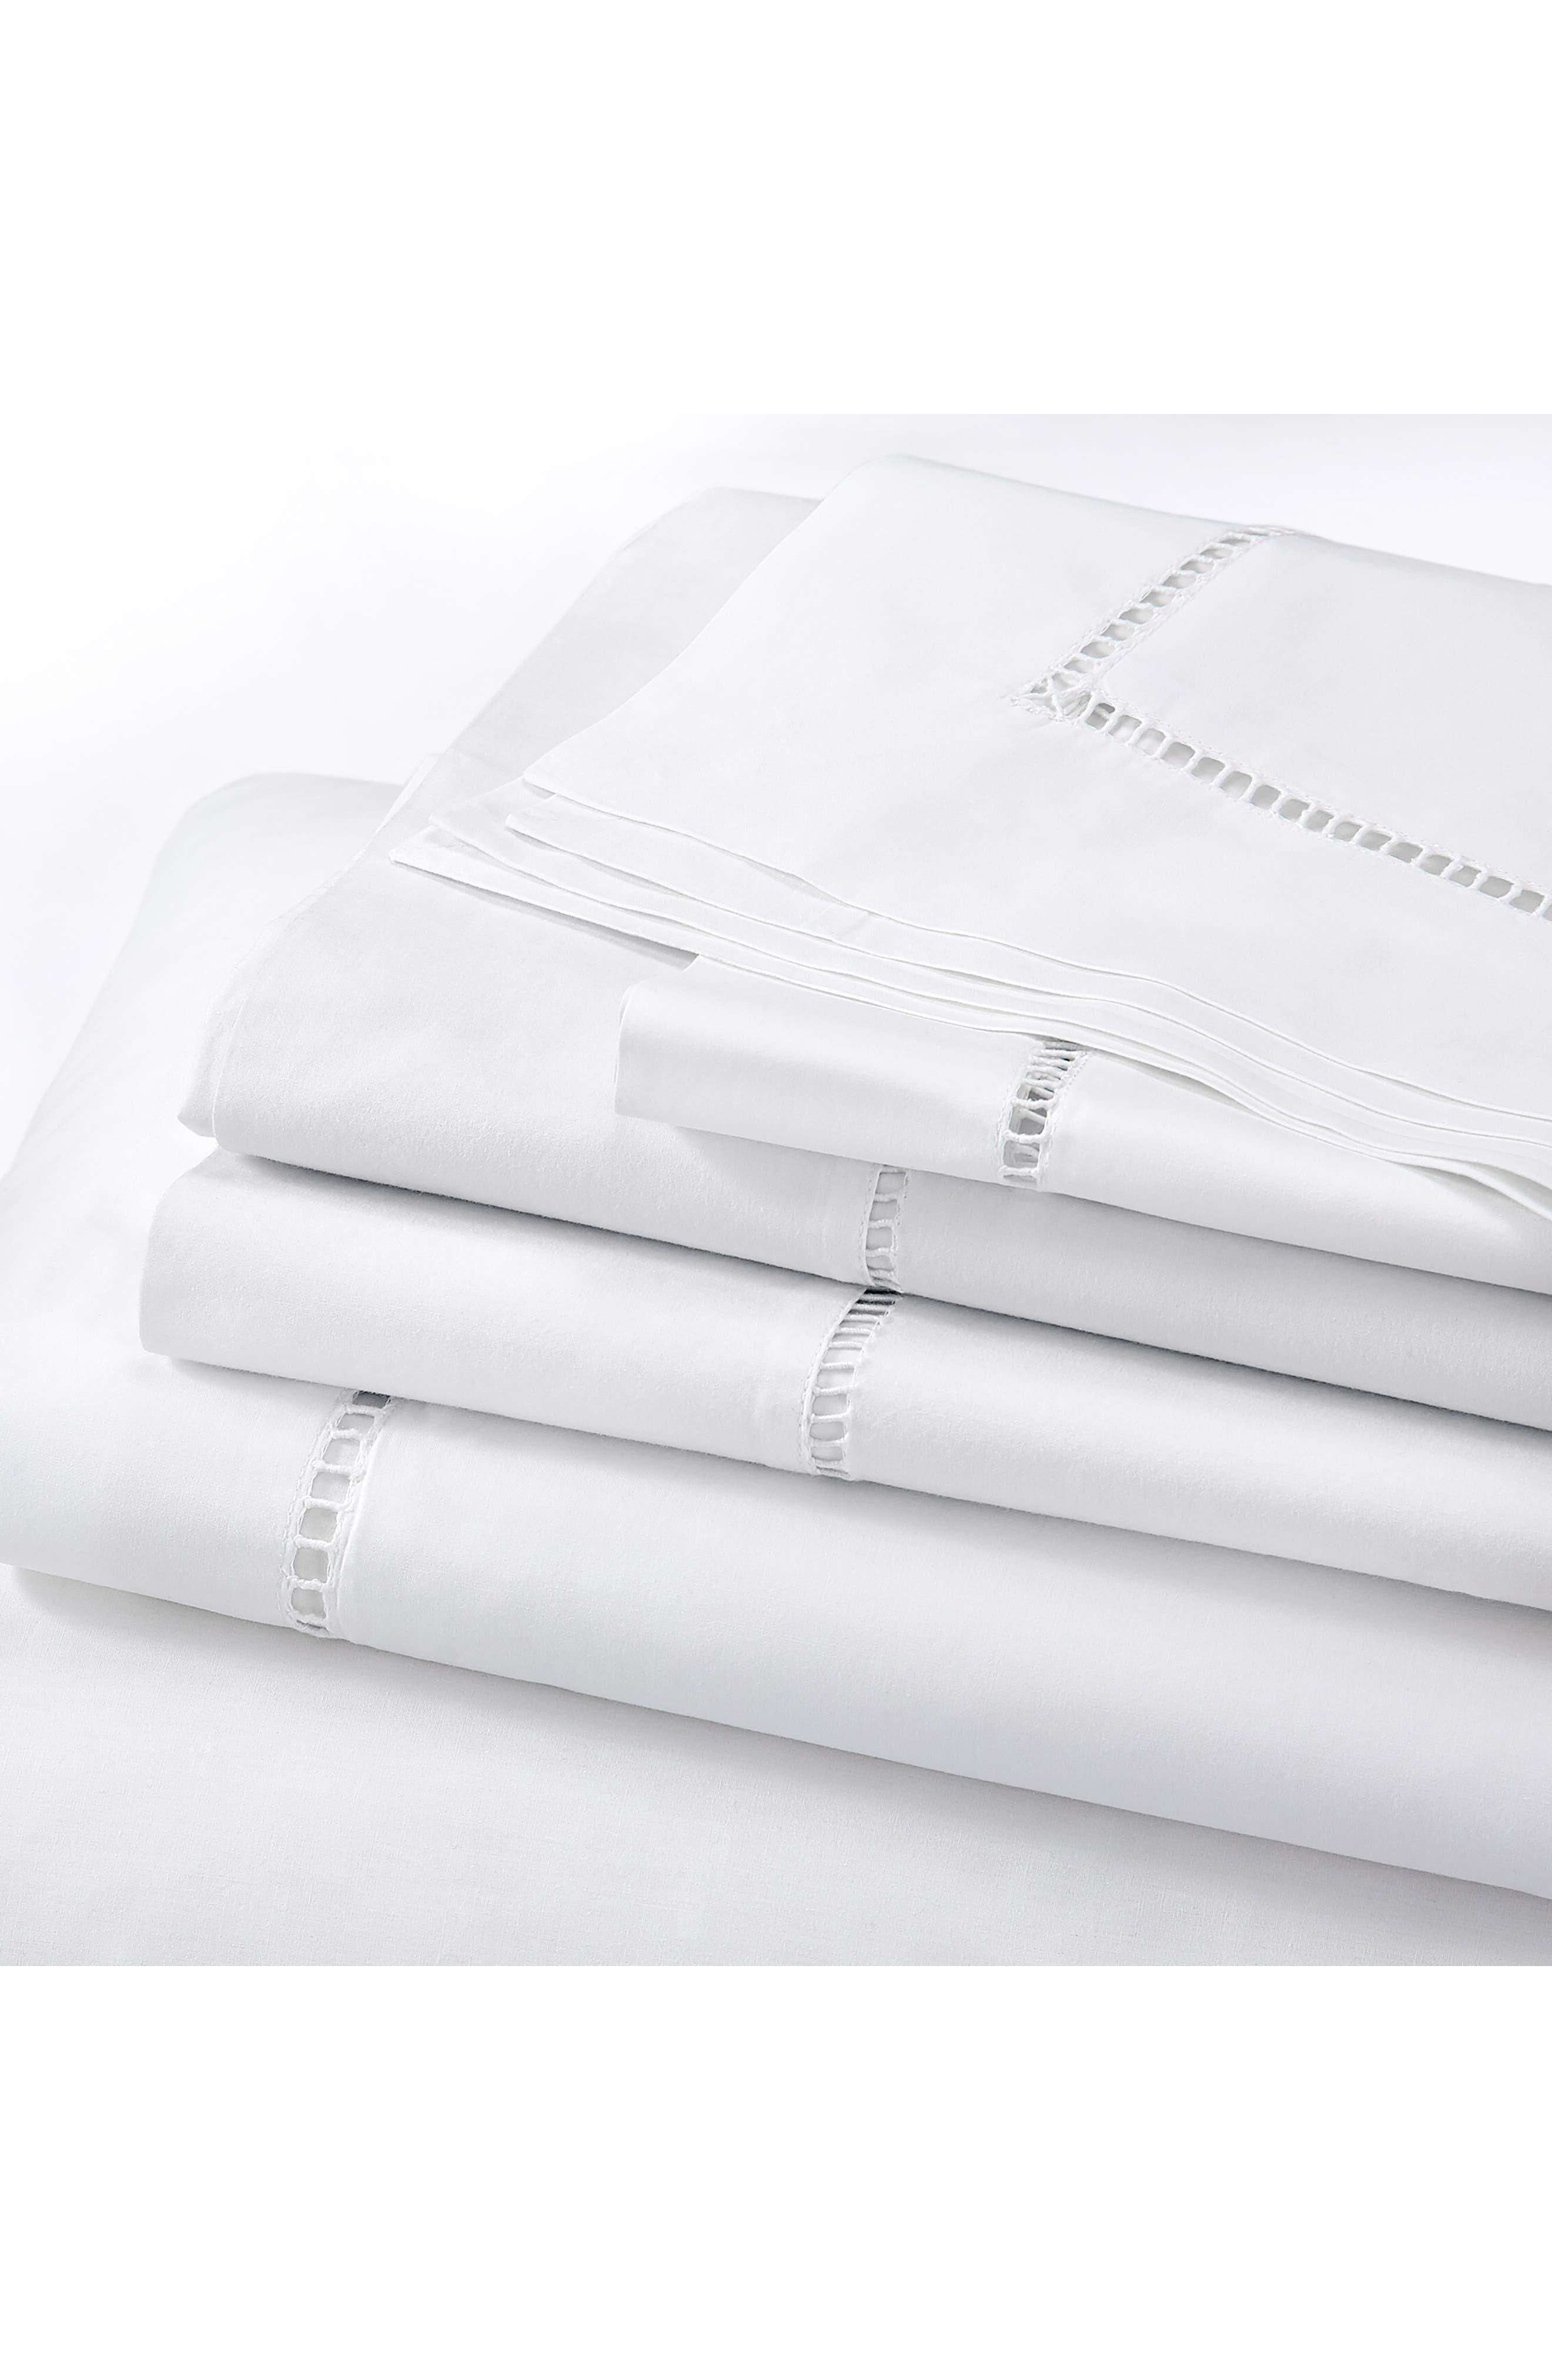 THE WHITE COMPANY, Santorini Cotton Flat Sheet, Main thumbnail 1, color, WHITE